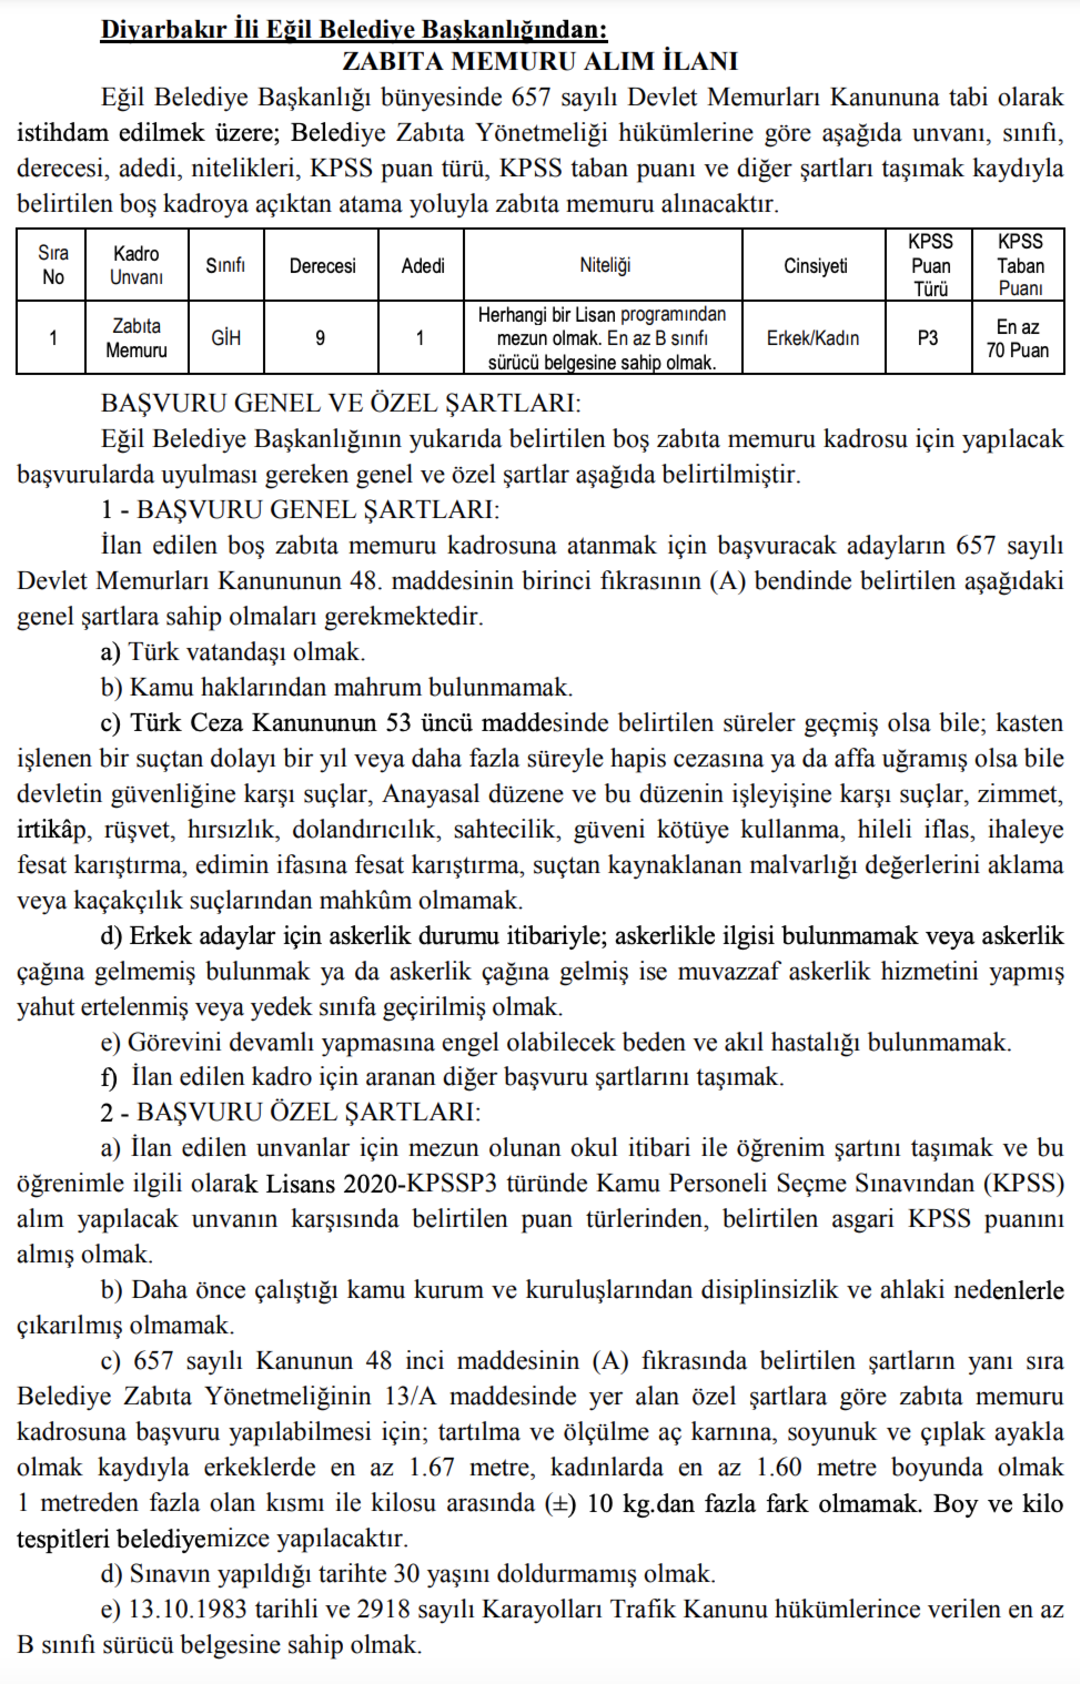 Diyarbakır Eğil Belediyesi Zabıta Memuru Alım İlanı